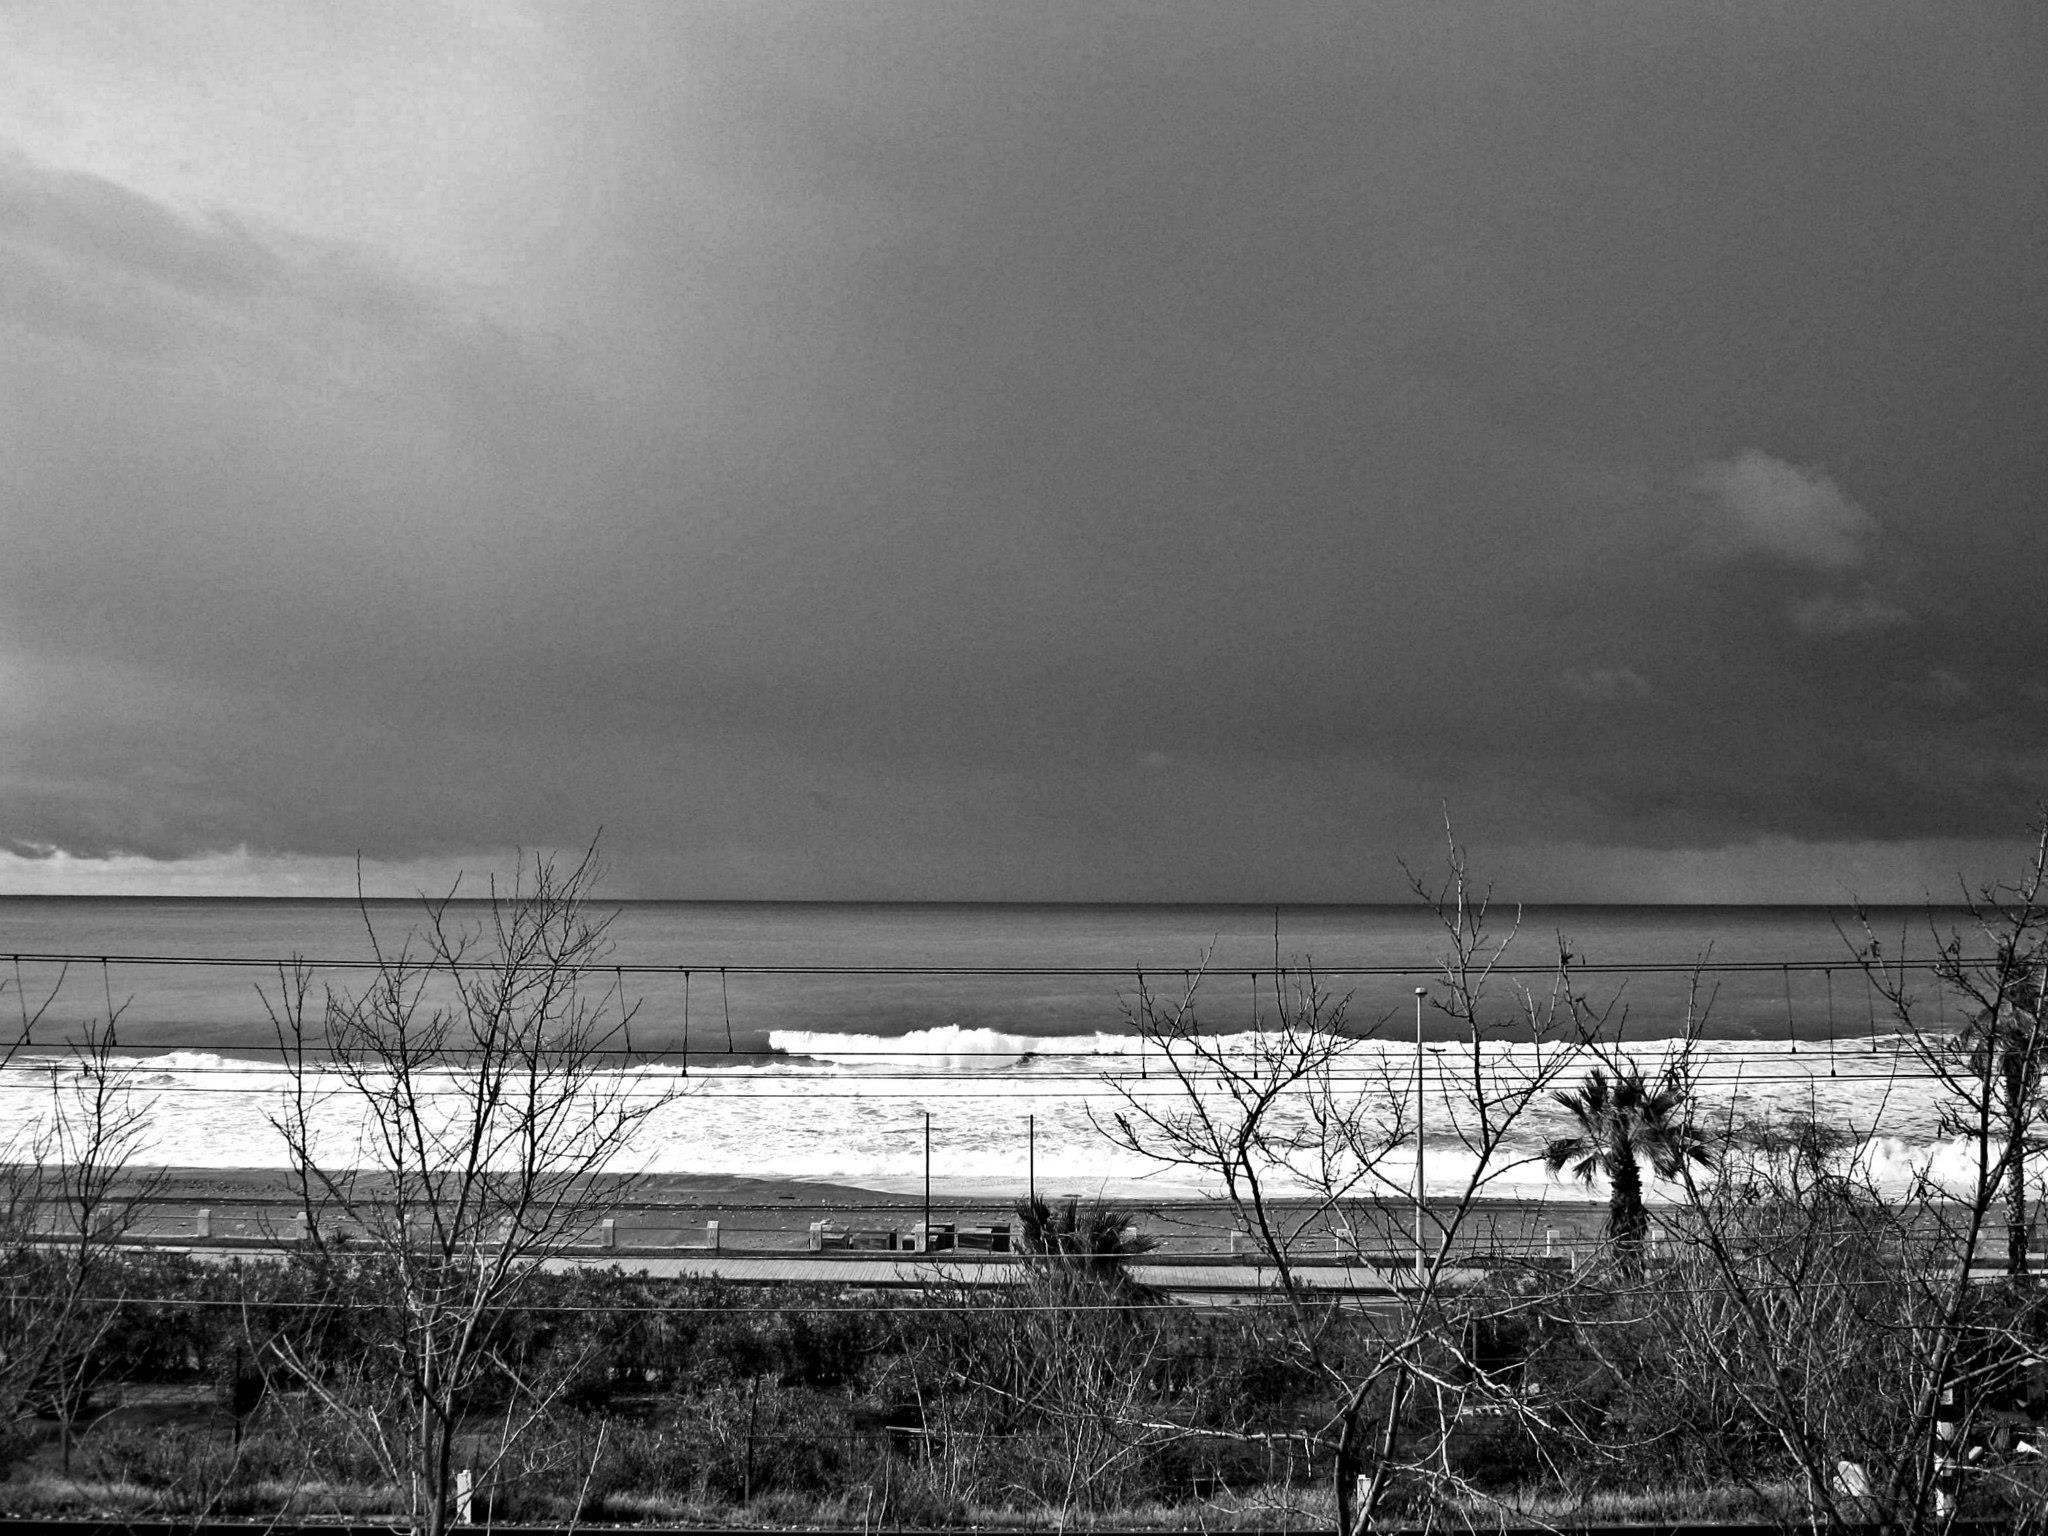 Martedì piogge e temporali sulle aree tirreniche